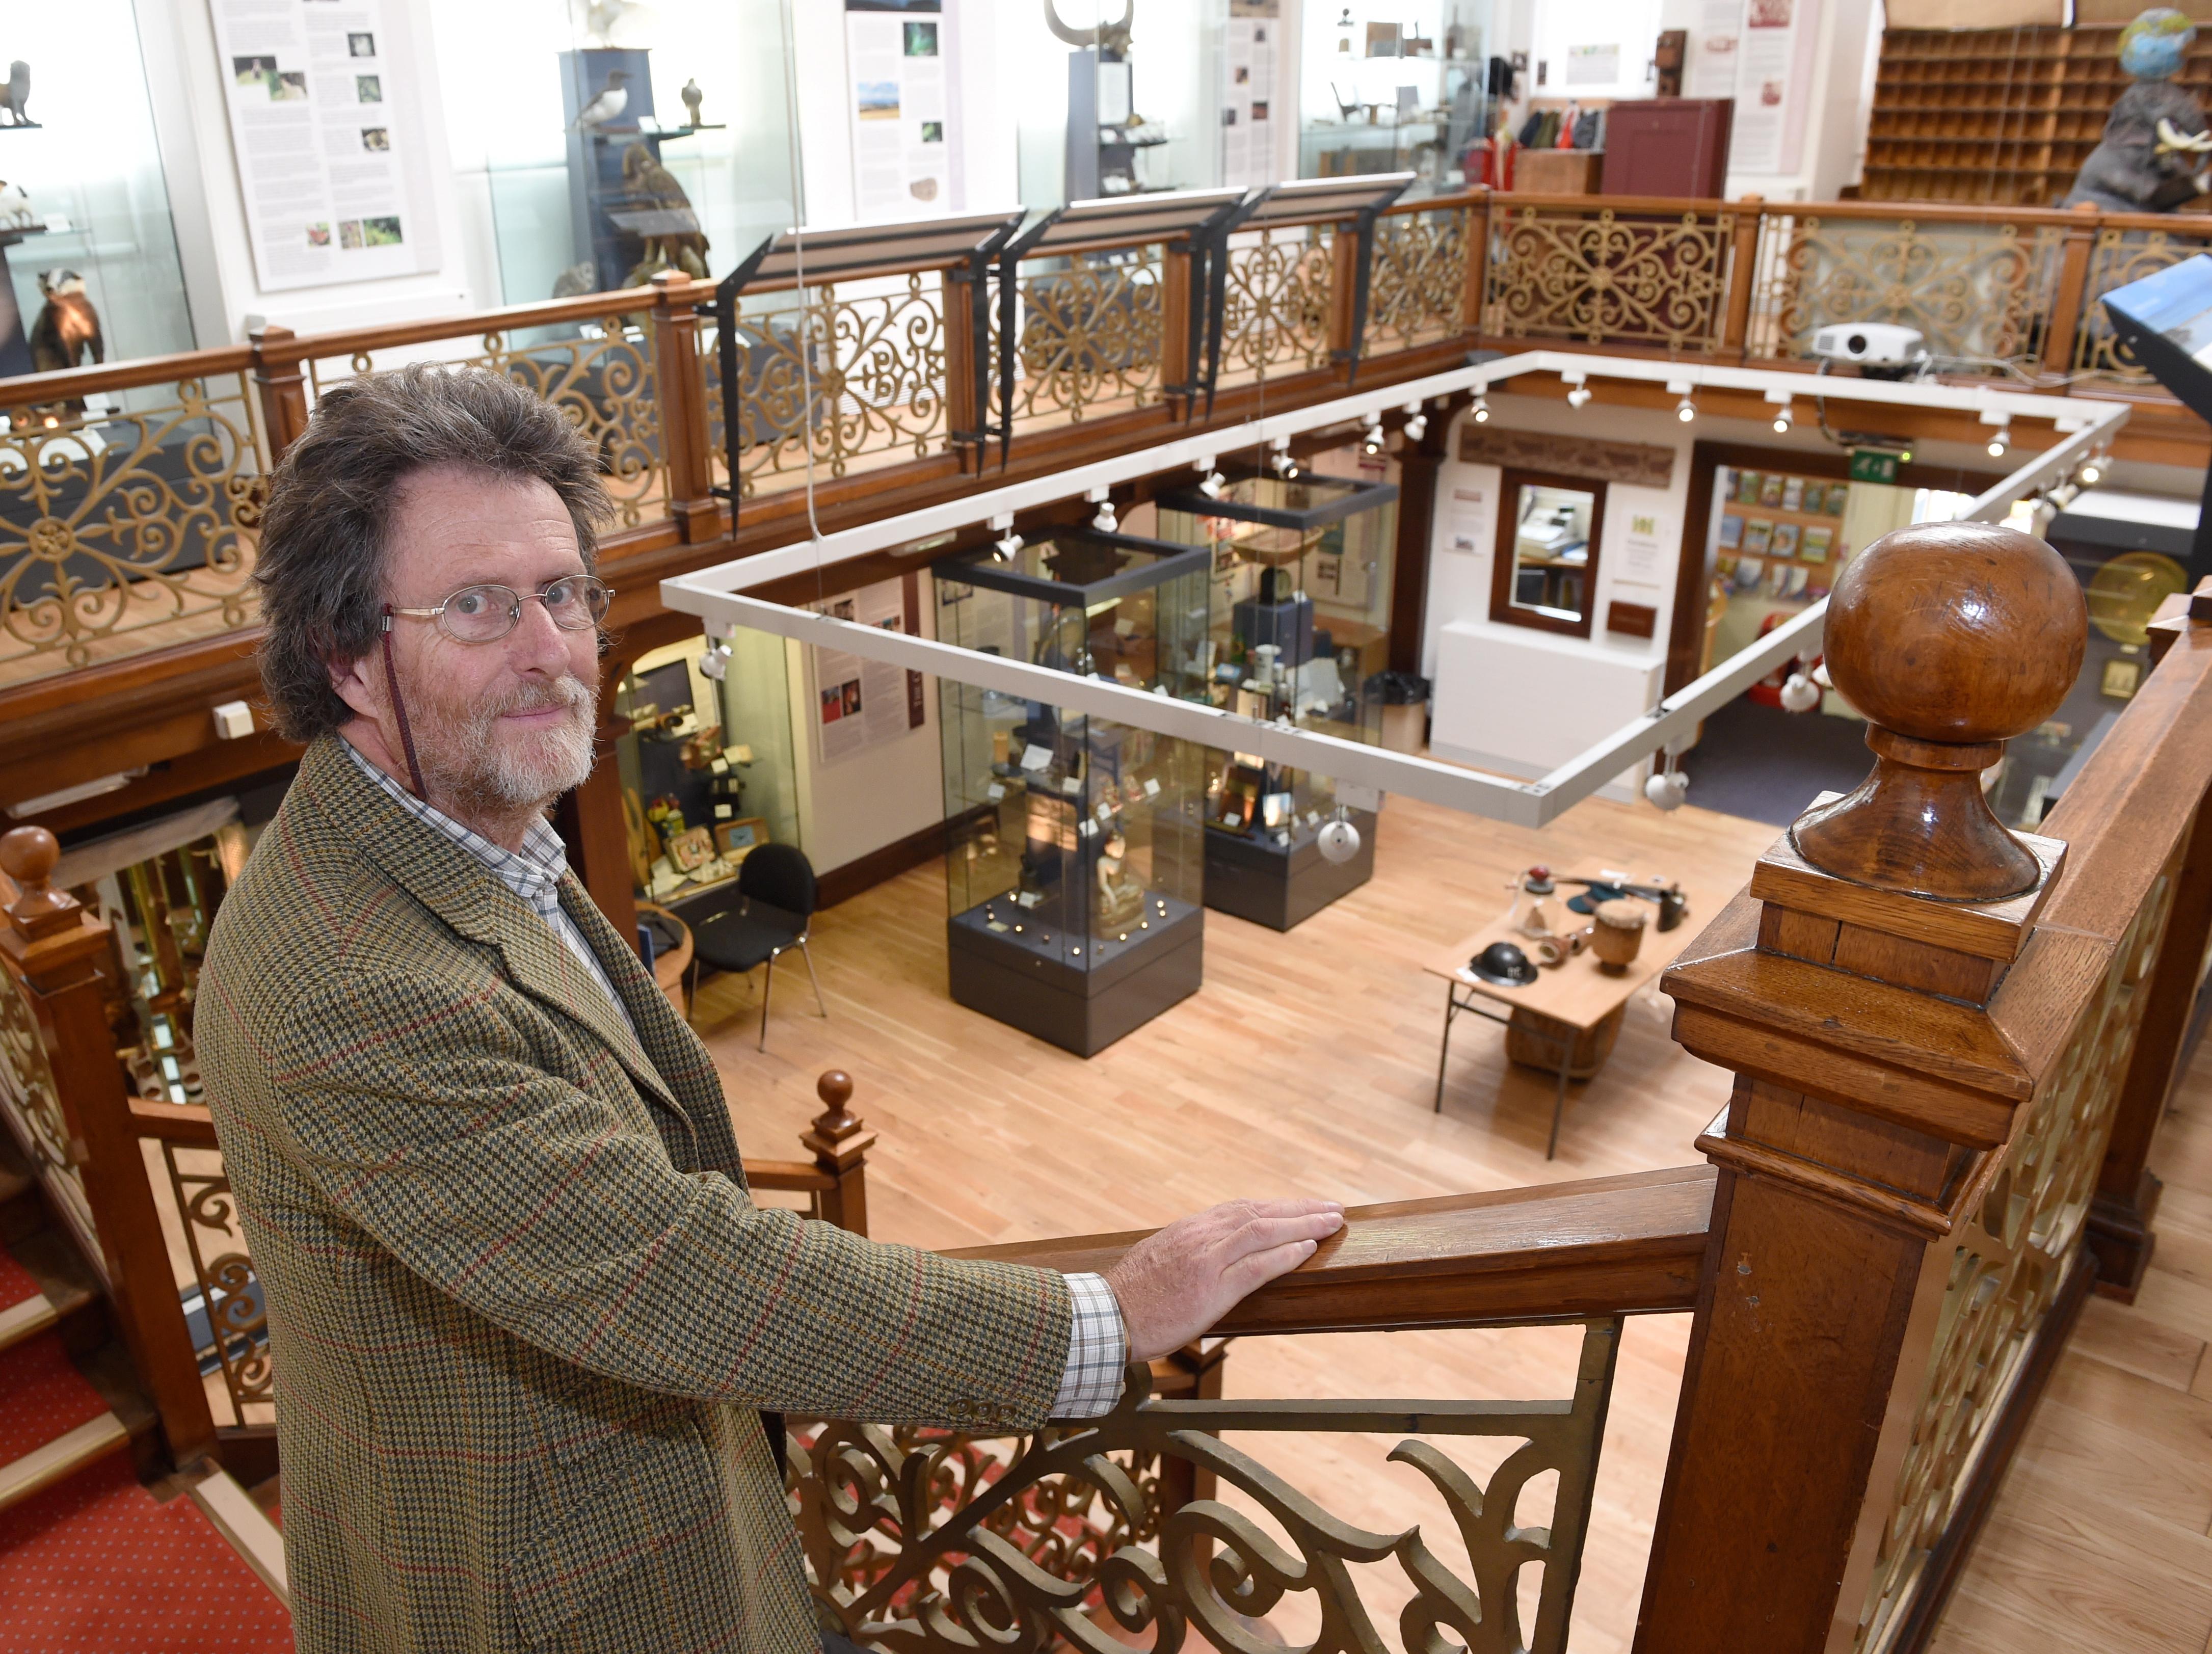 Falconer Museum in Forres. Dr John Barrett of the Friends of The Falconer Museum. Picture by Sandy McCook.